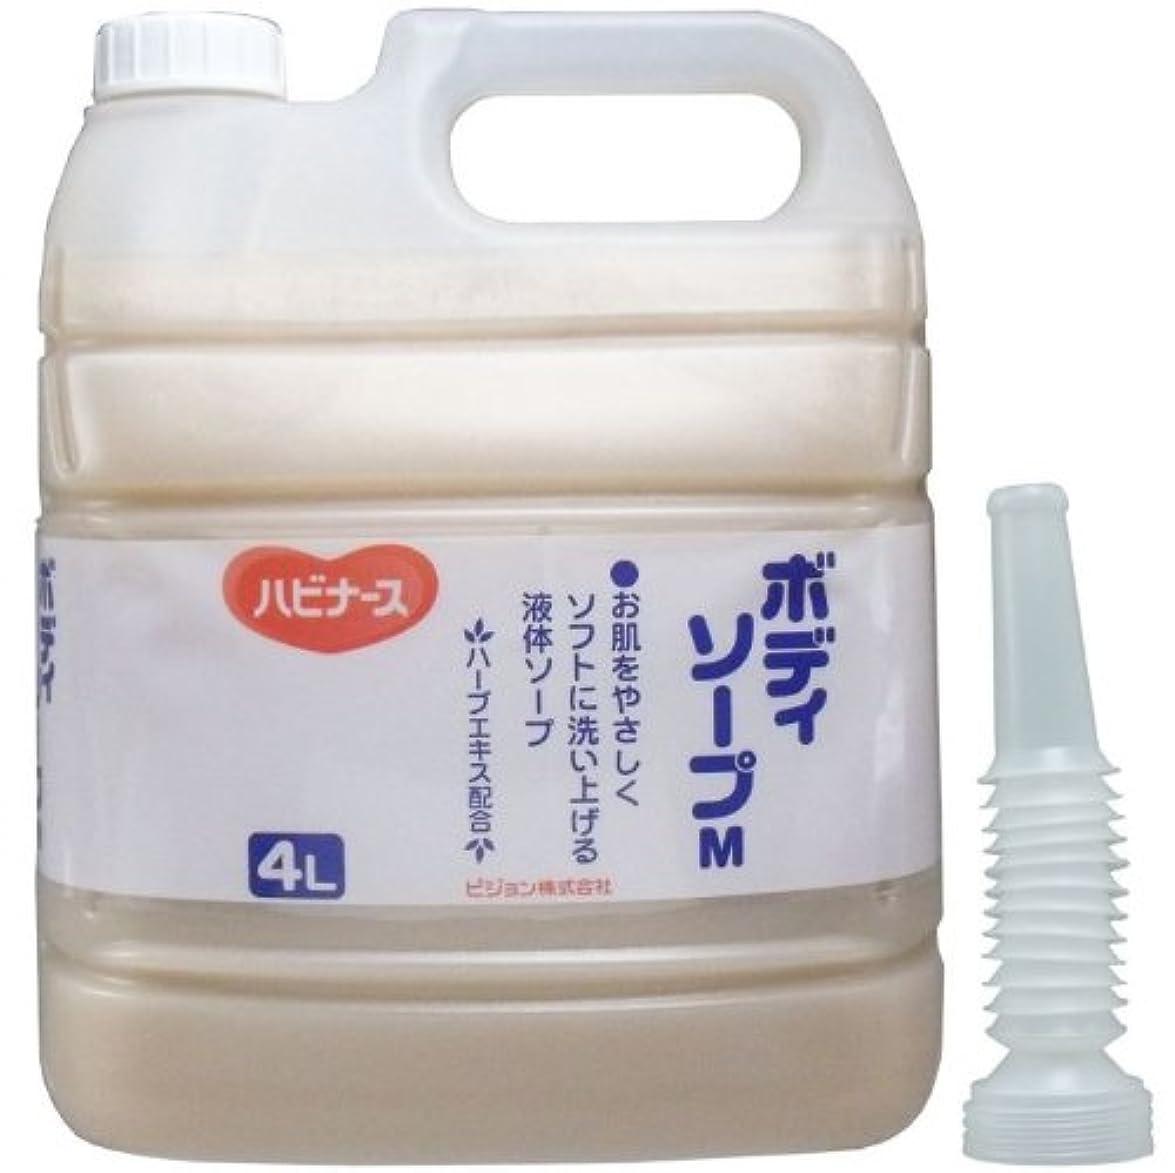 二十原点吸収液体ソープ ボディソープ 風呂 石ケン お肌をやさしくソフトに洗い上げる!業務用 4L【5個セット】